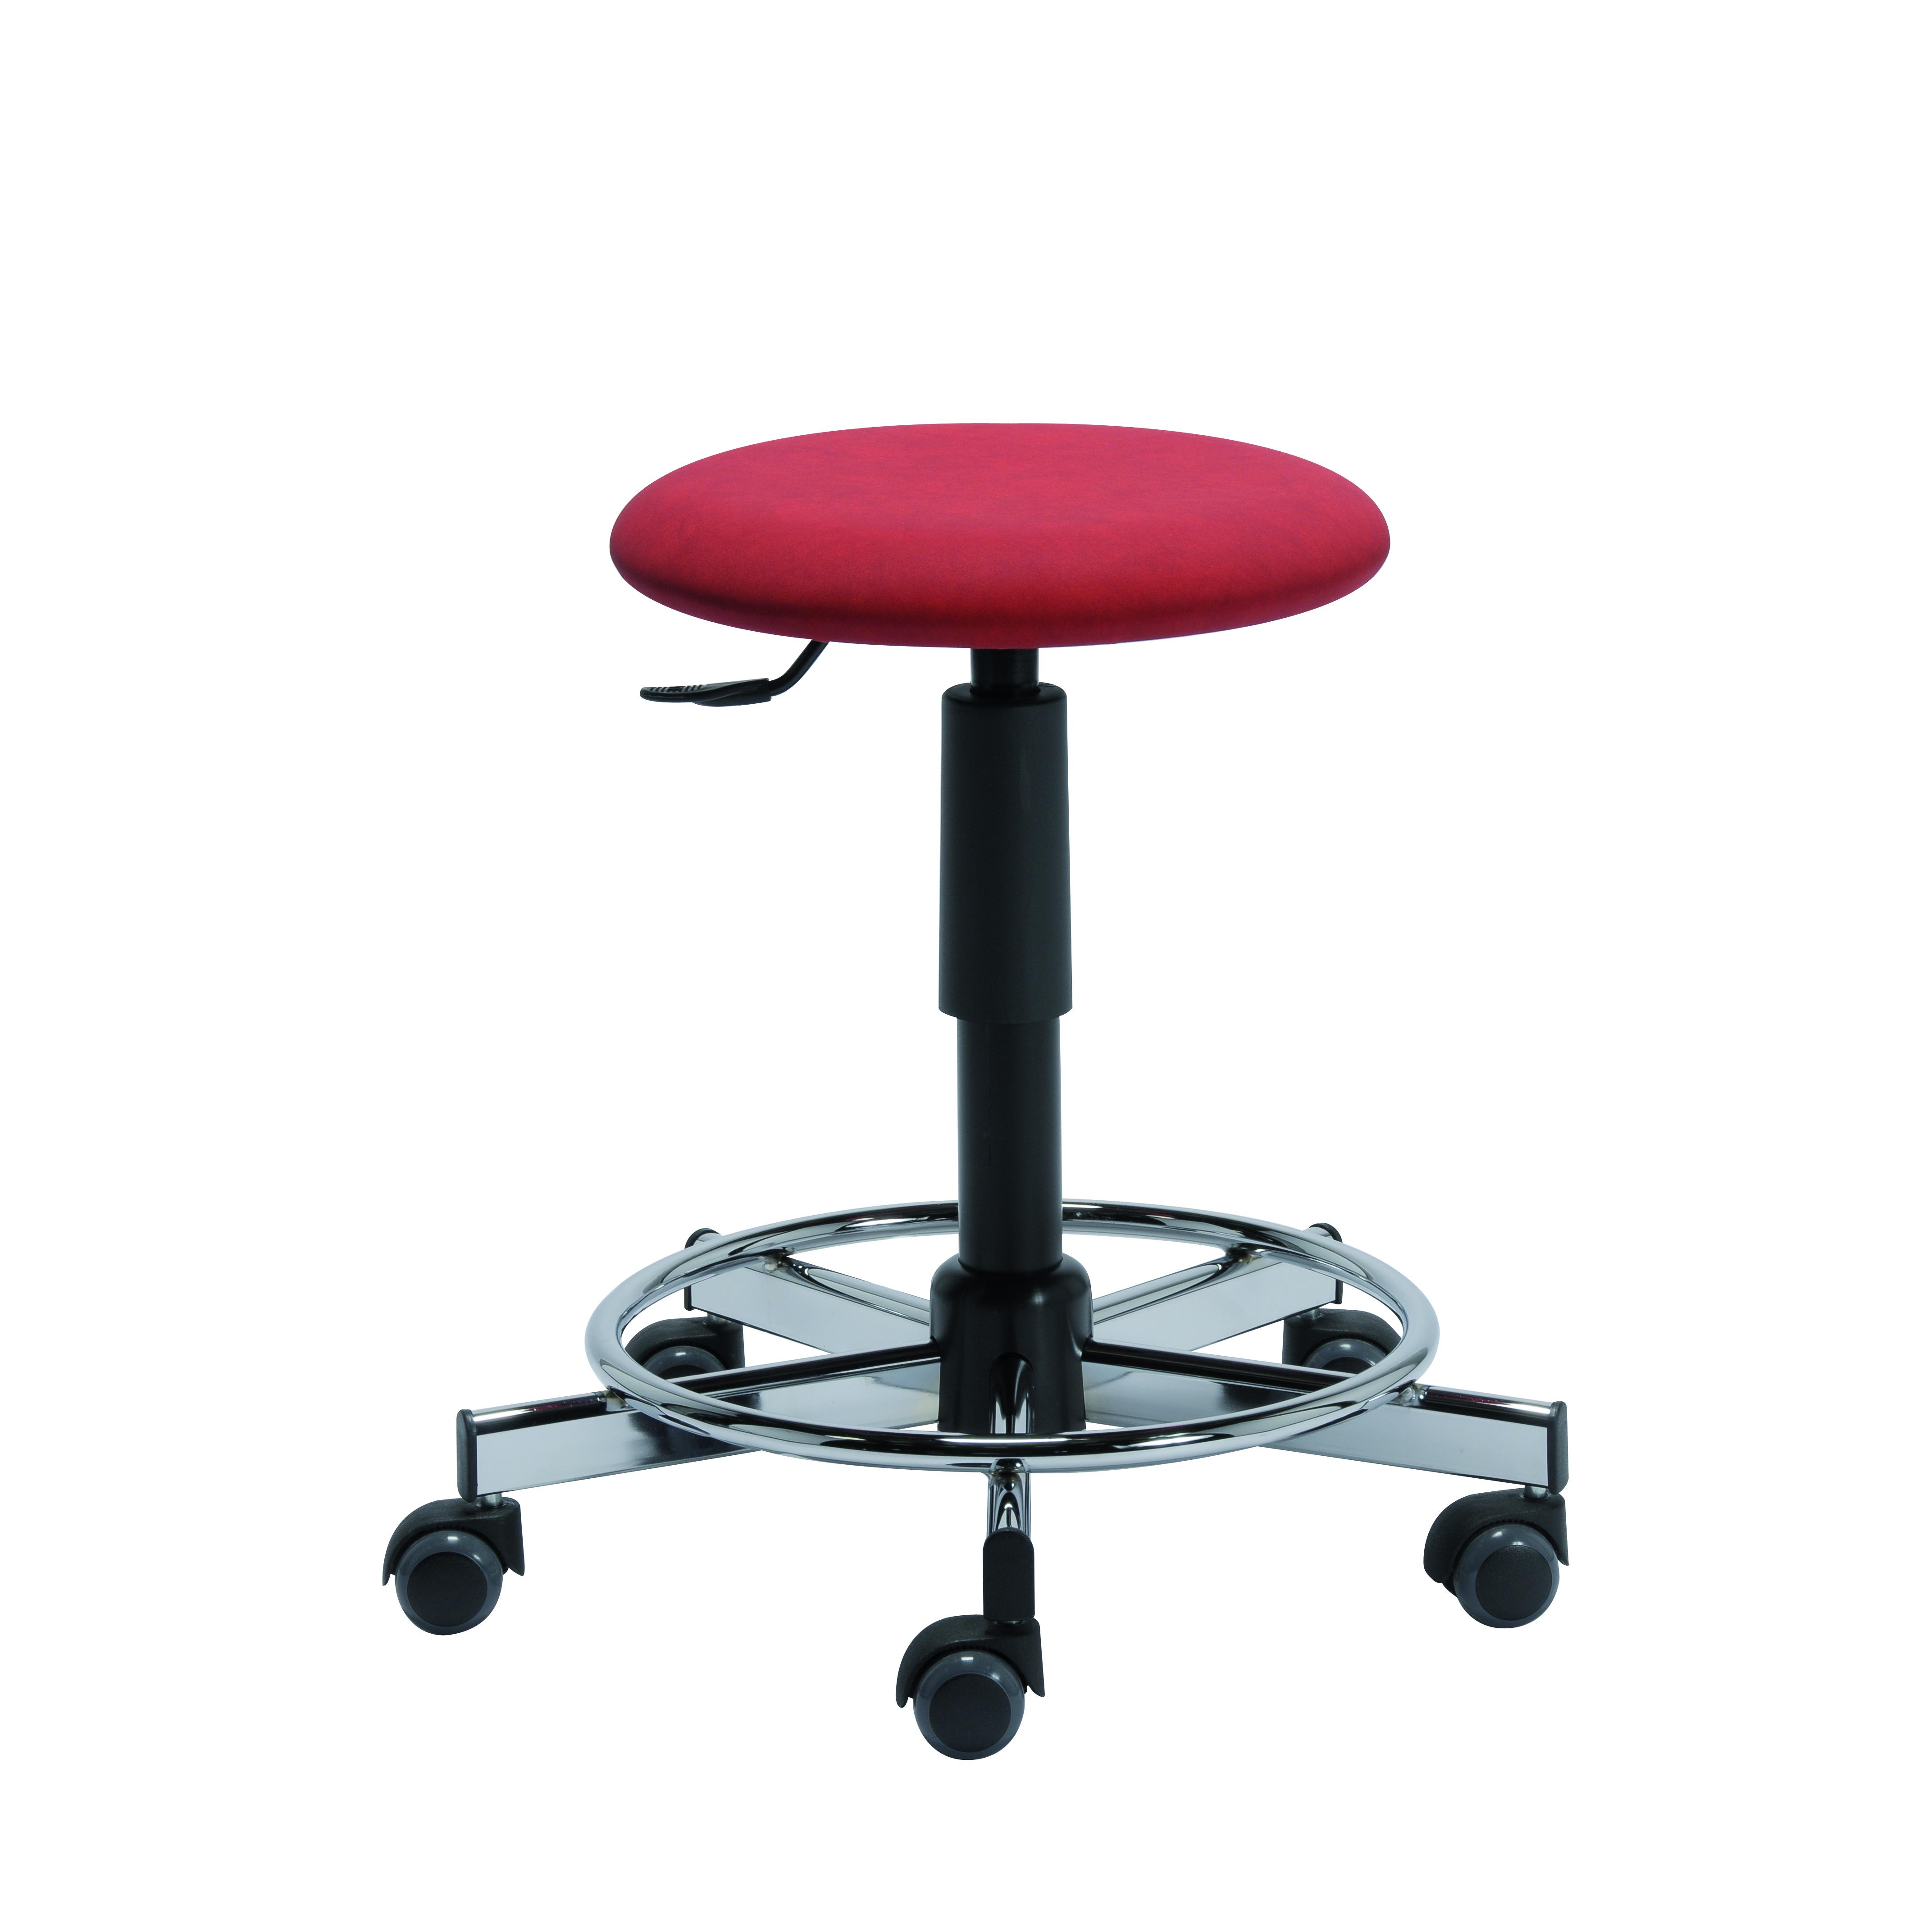 Le tabouret avec repose-pieds soudé TOUL de siegepro.com est disponible avec une assise standard ou confort